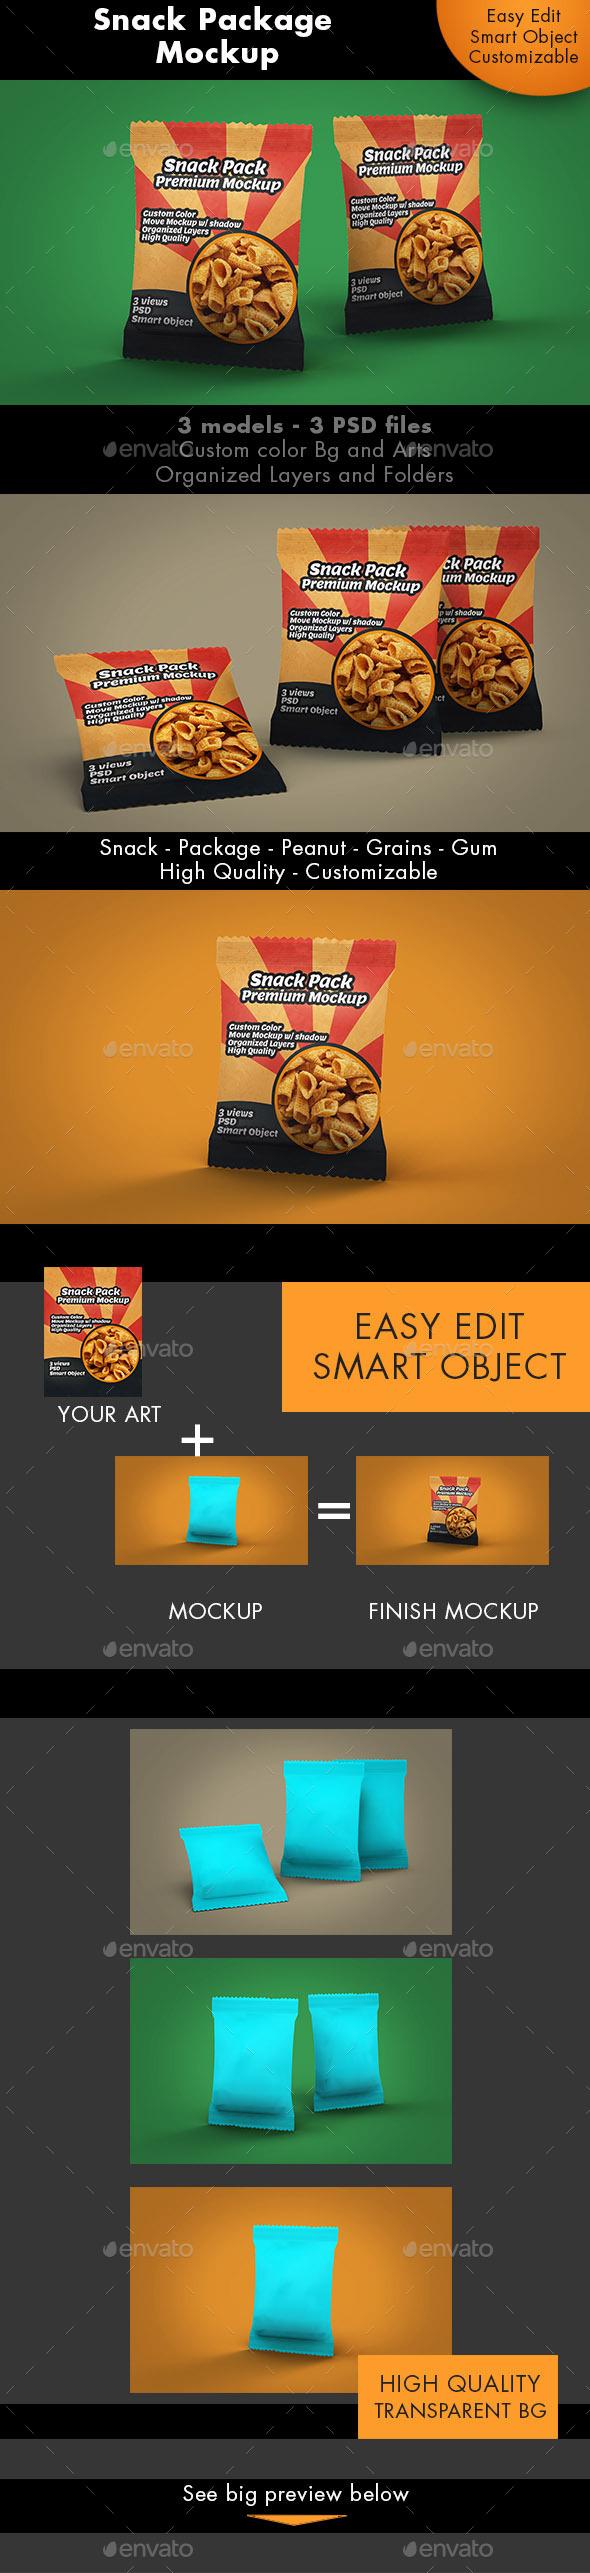 Snack Package Mockup Premium - Food and Drink Packaging